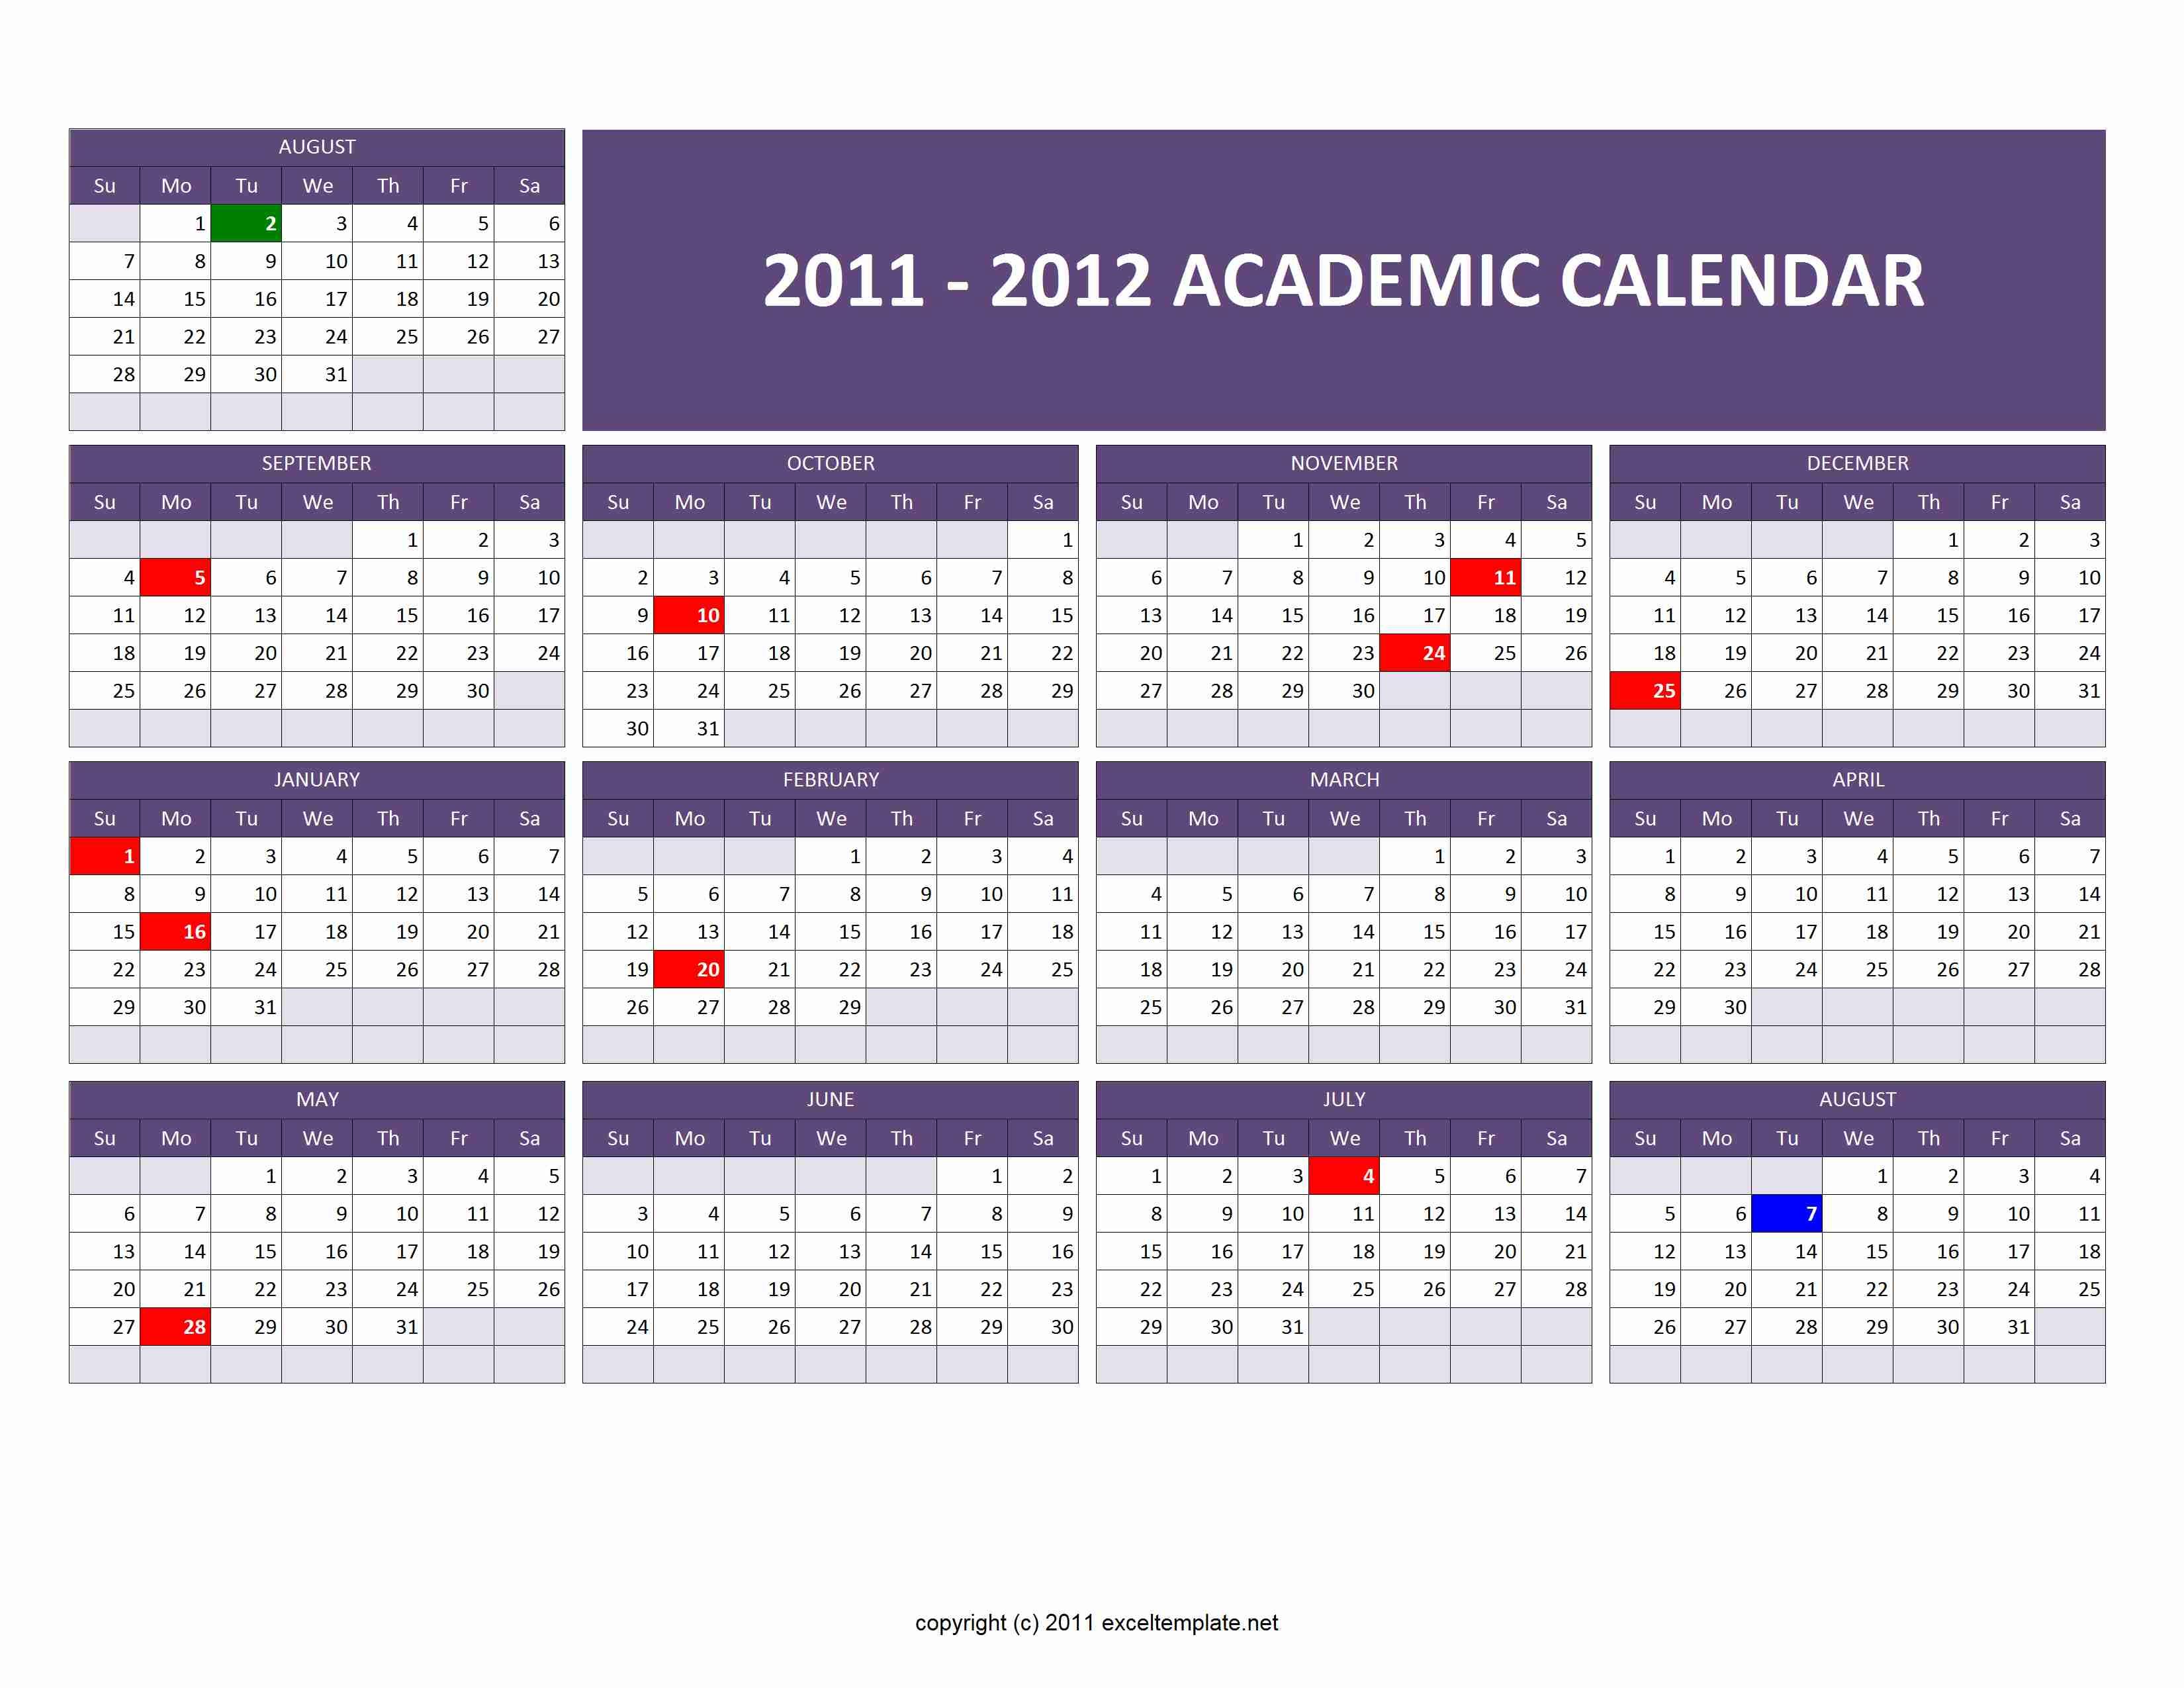 Calendar templates excel tvsputnik calendar templates excel saigontimesfo